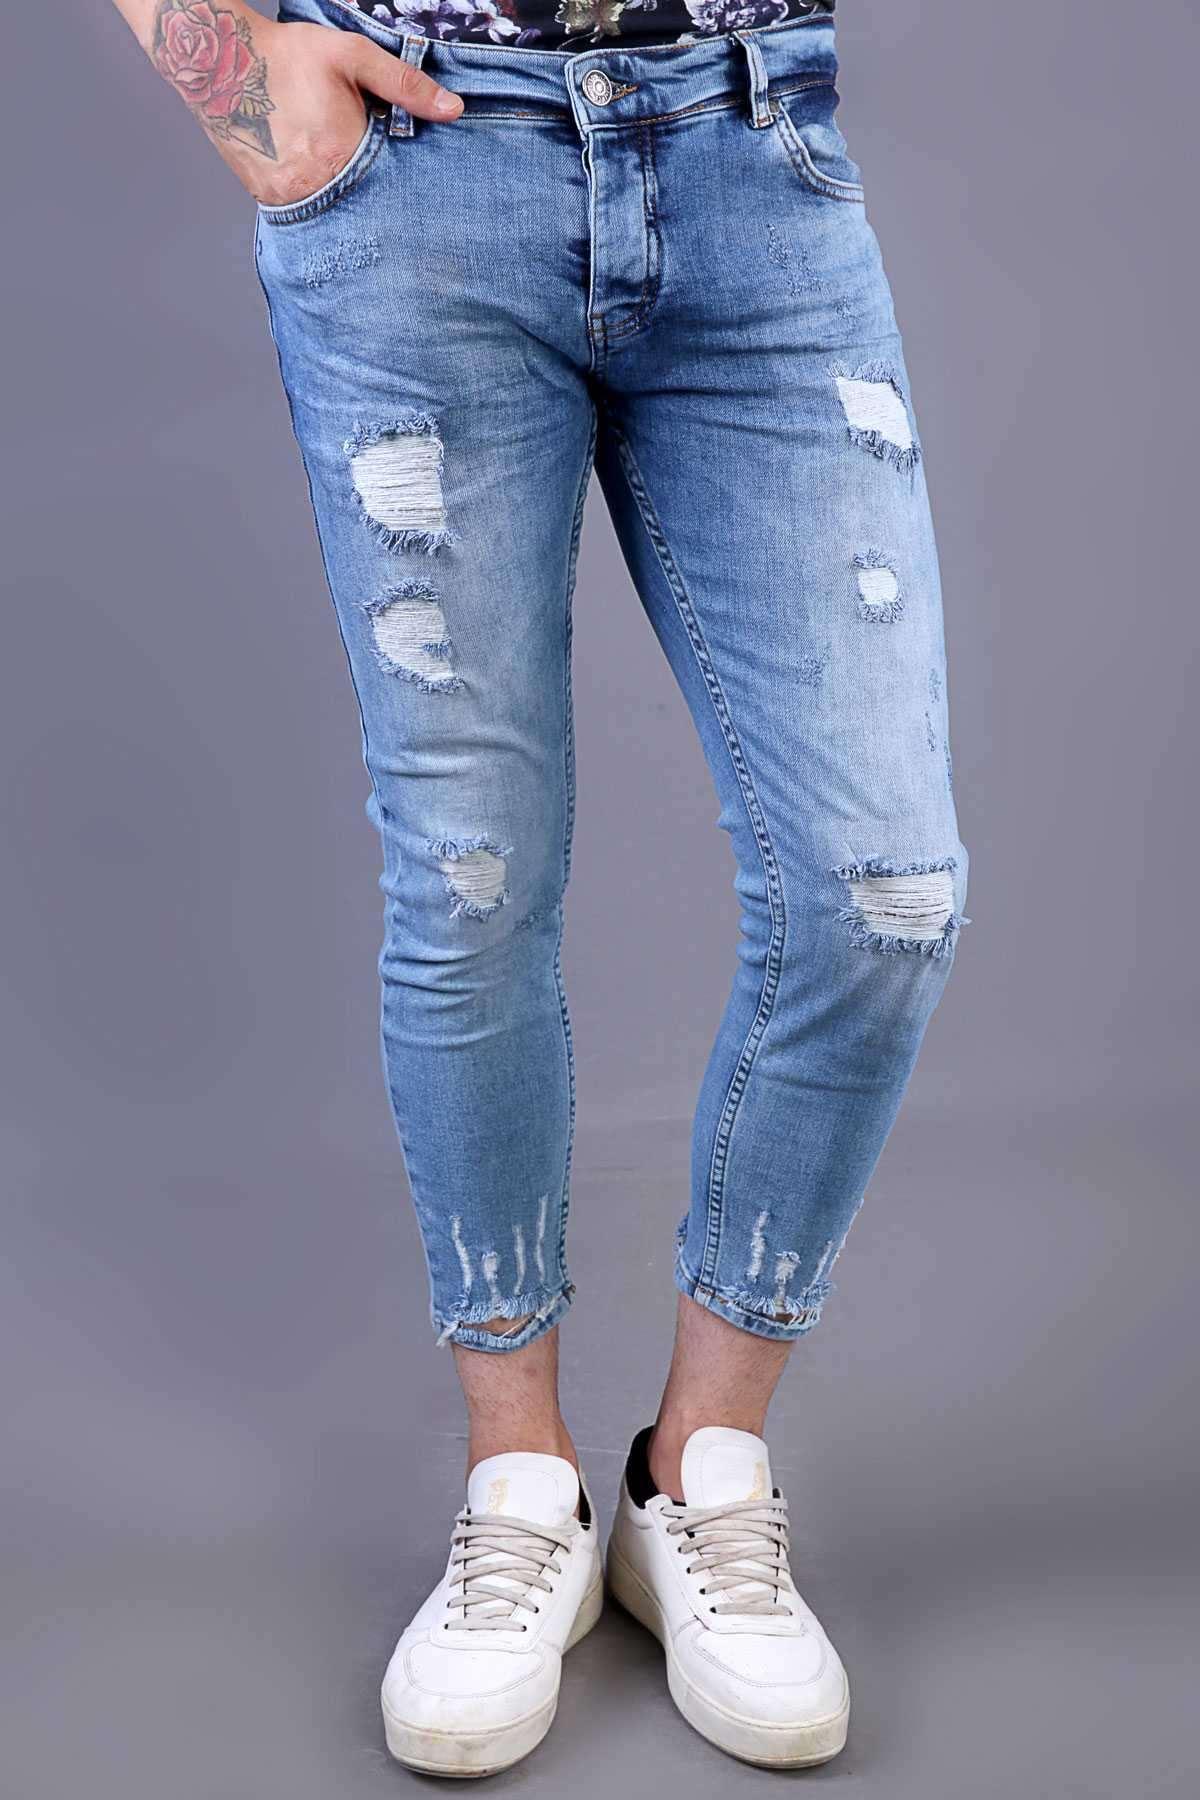 İp Yamalı Taşlamalı Paça Ucu Yırtık Bilek Boy Kot Pantolon Mavi